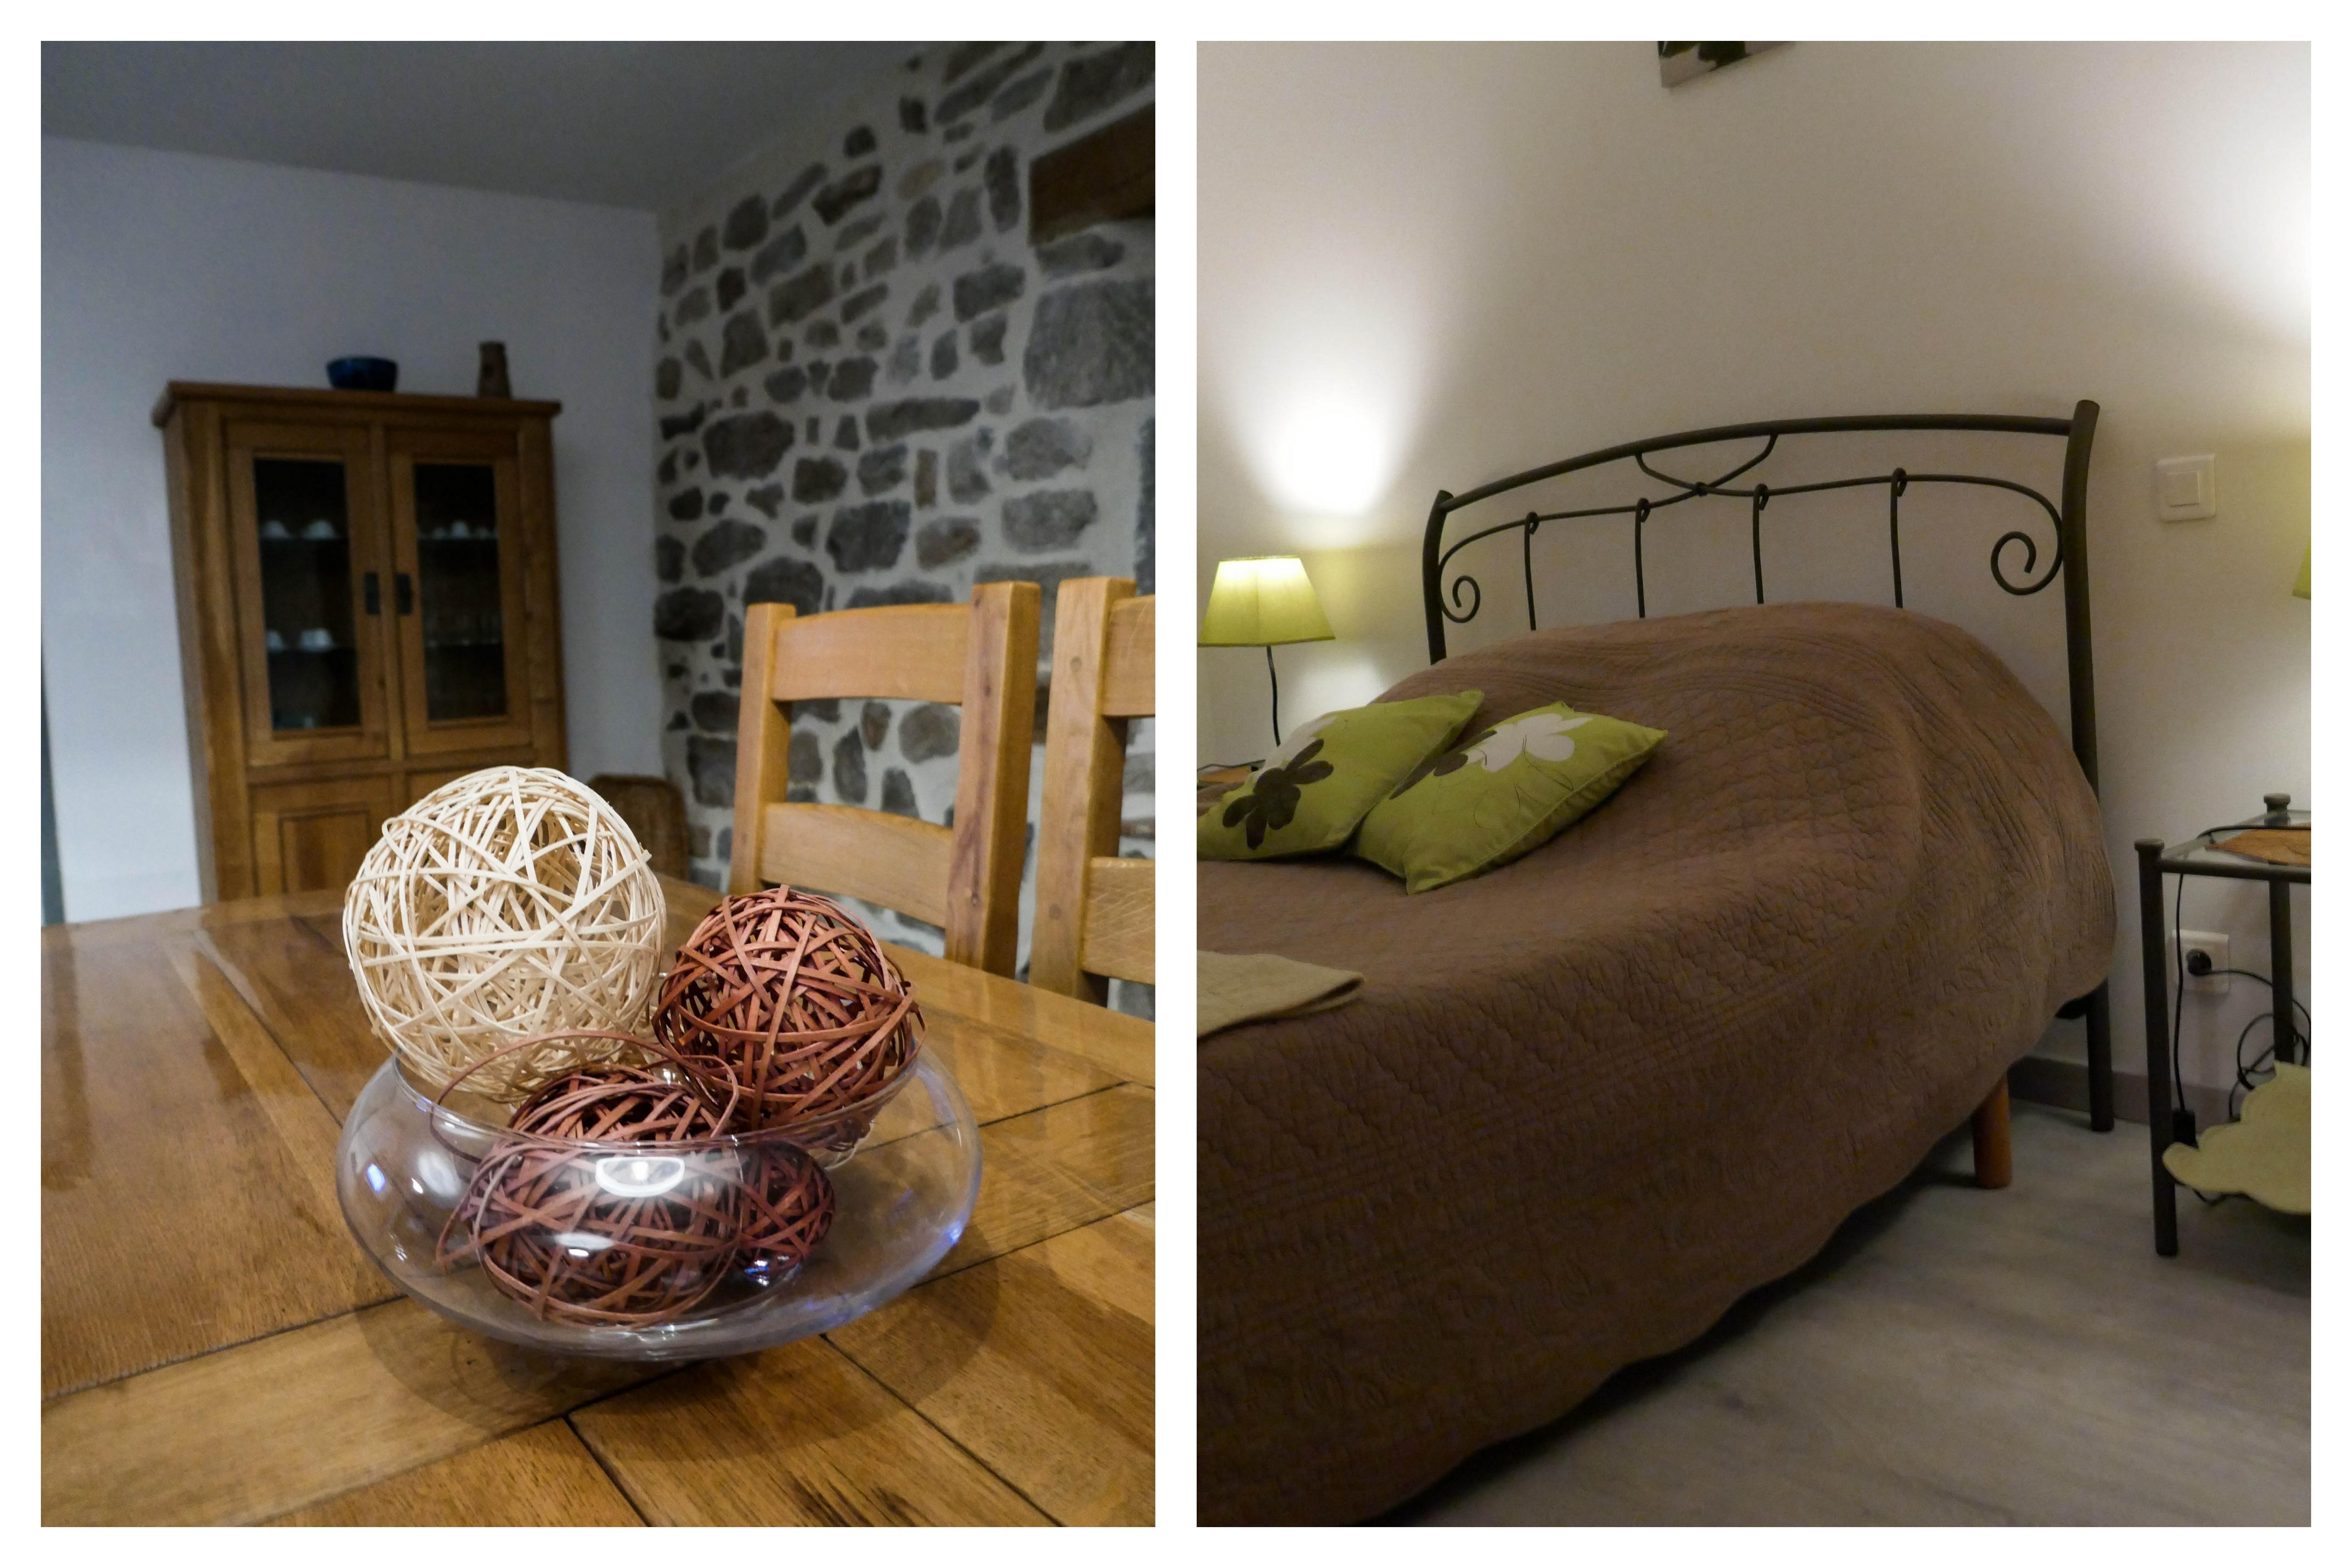 La Maison d'Alphonse, Gite , Saint-Léger-du-Malzieu :  nos bonnes adresses en Margeride, blog famille De beaux Lents Demains